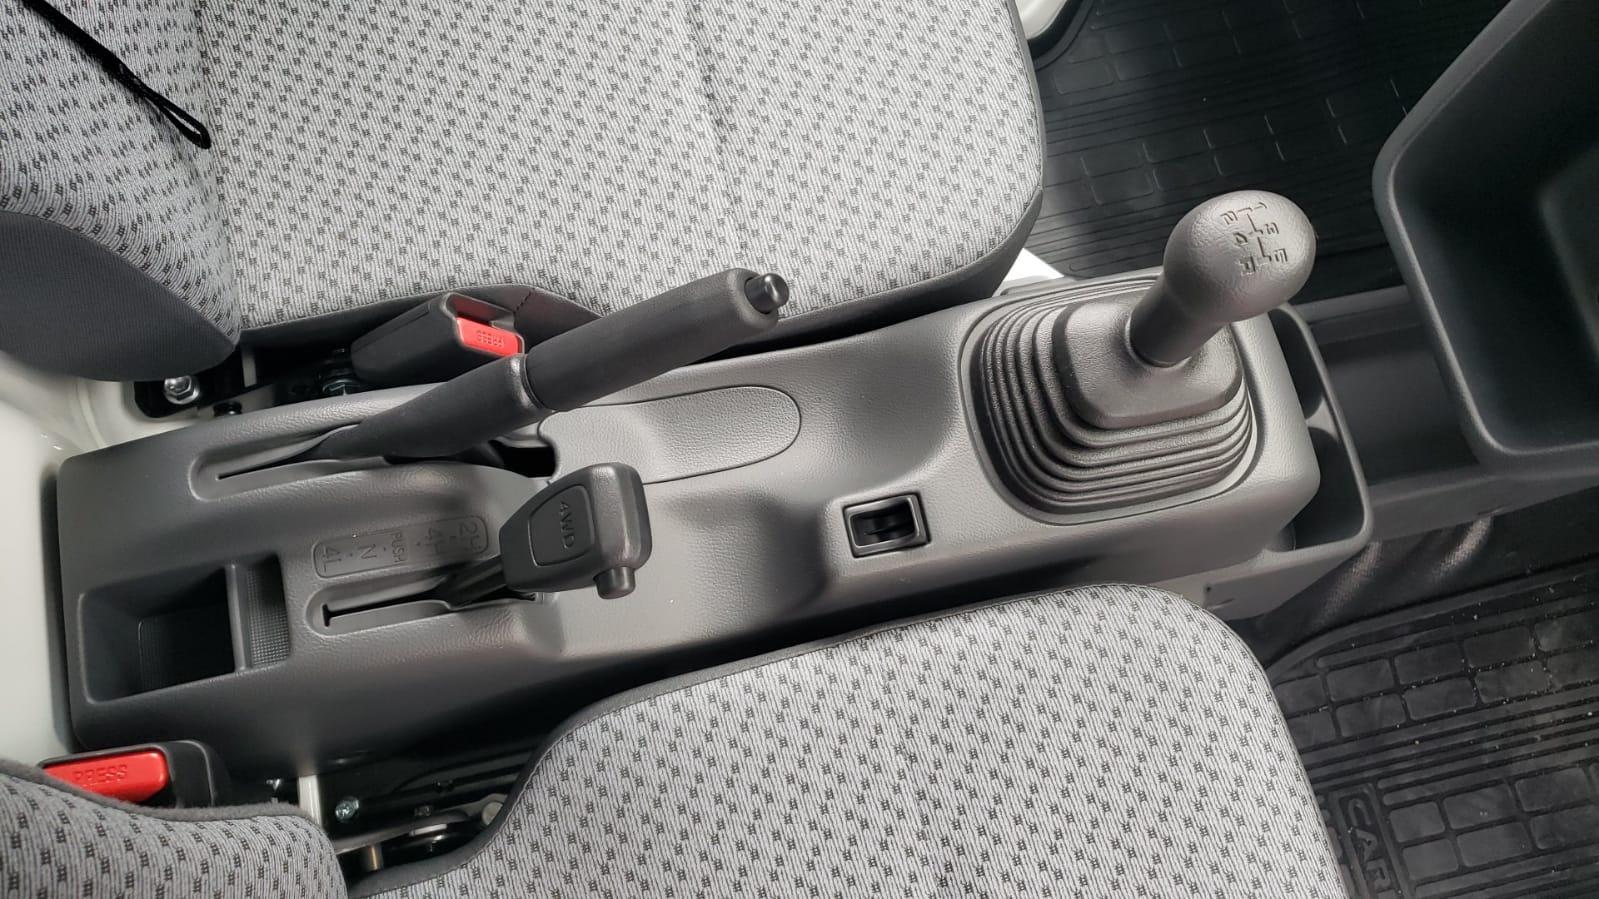 Mini Truck center console and stick shift